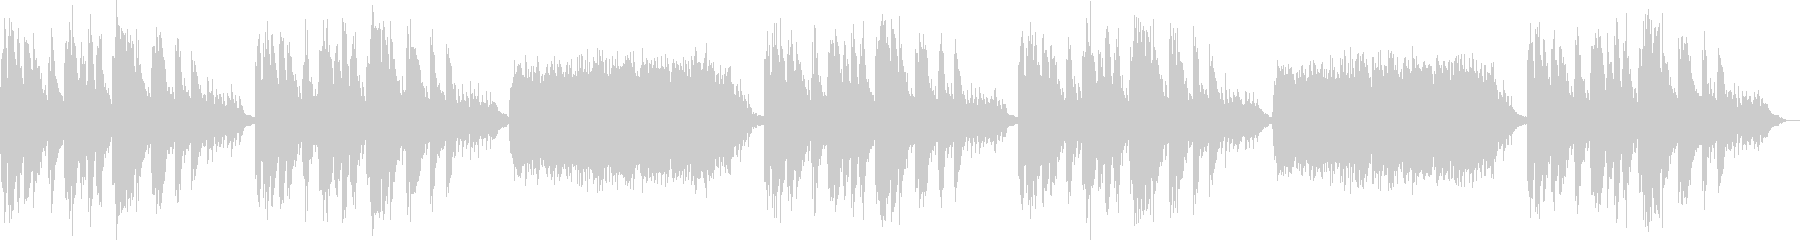 メモリアル系リラクゼーション曲の未再生の波形